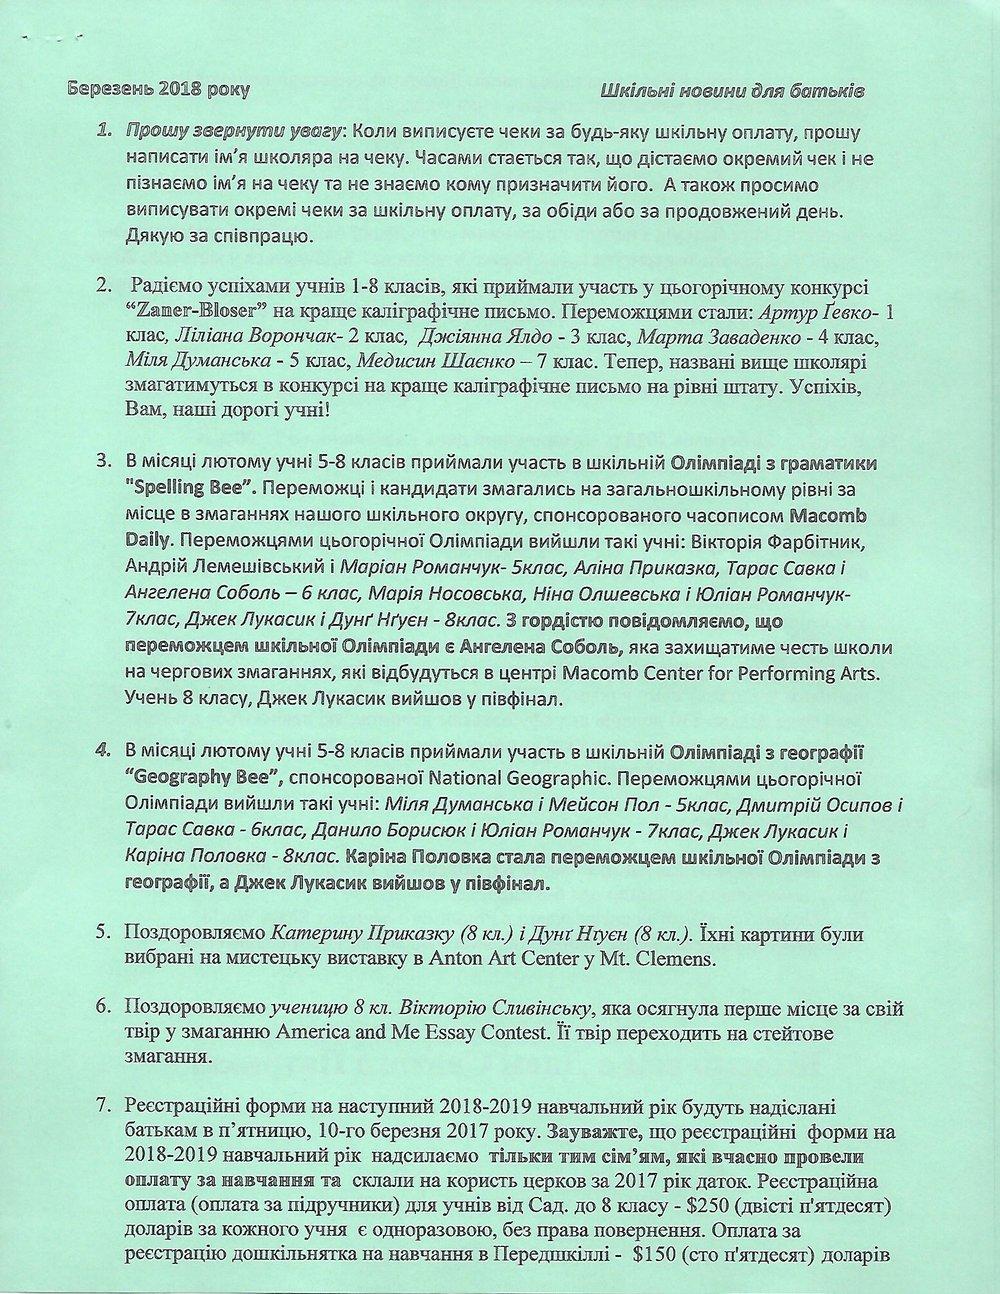 Bulletin Ukr 1.jpg